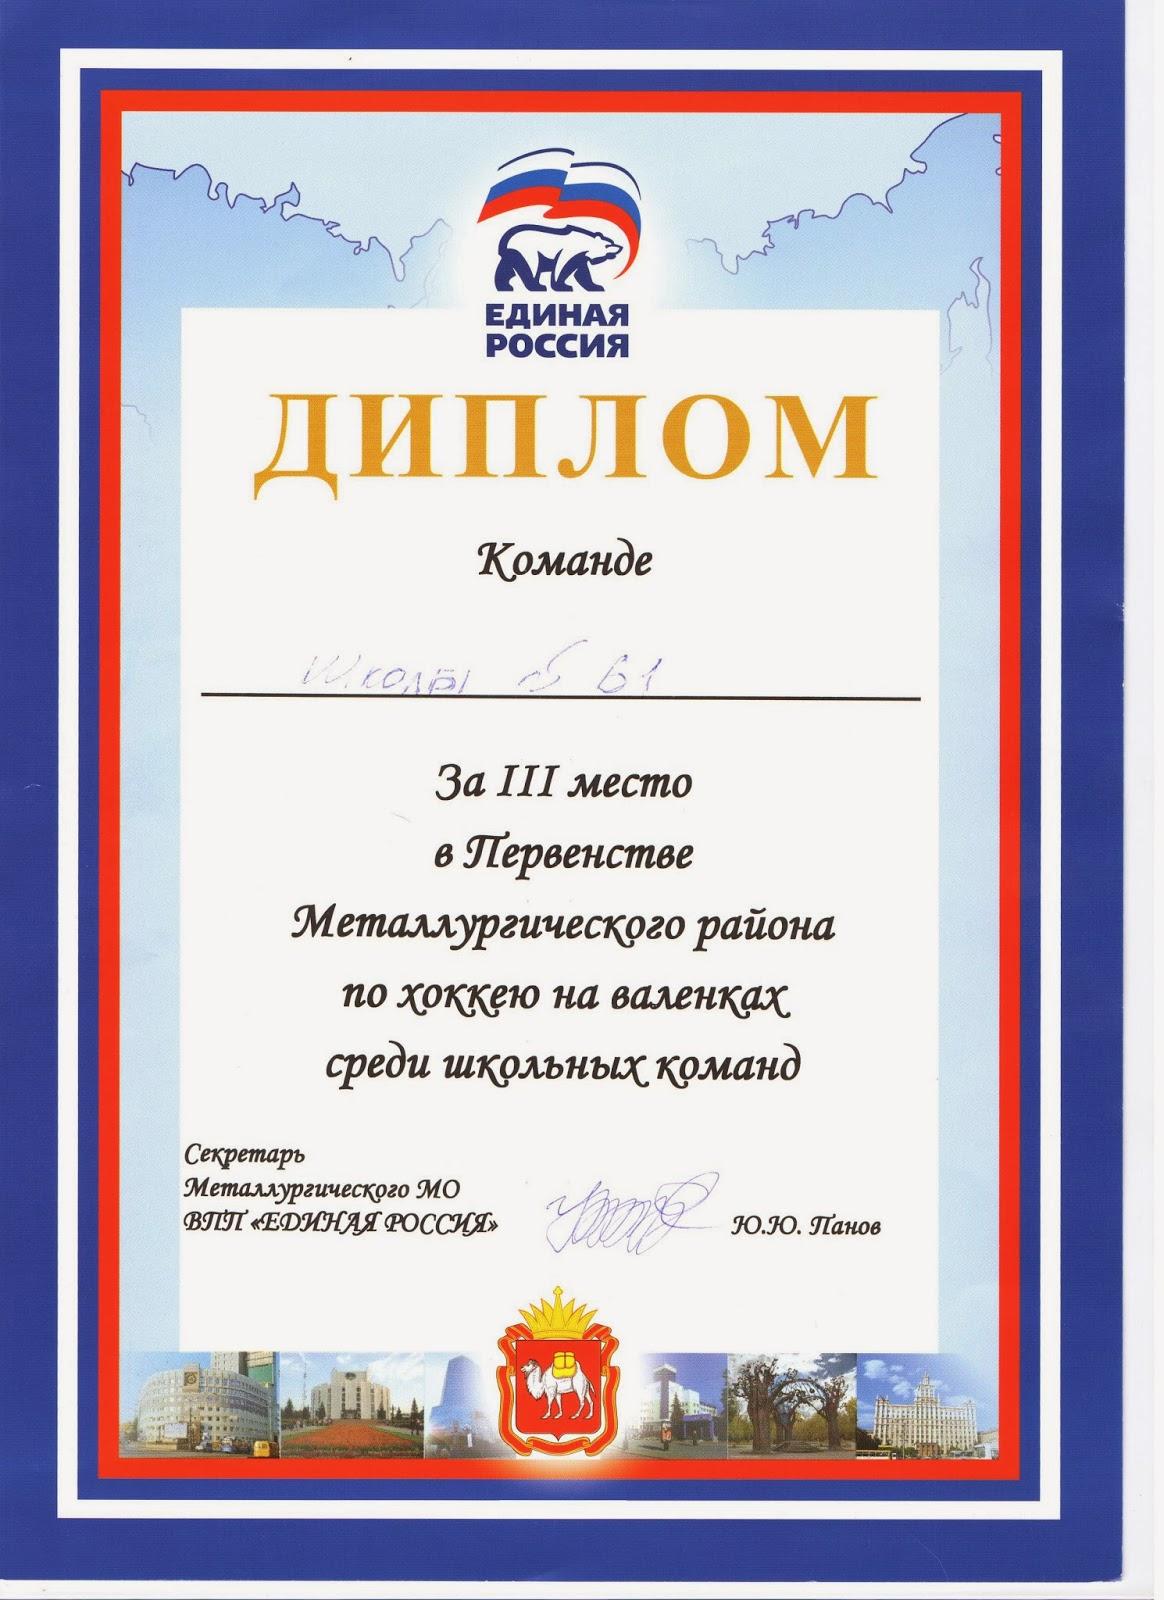 Поздравления команде с 3 местом